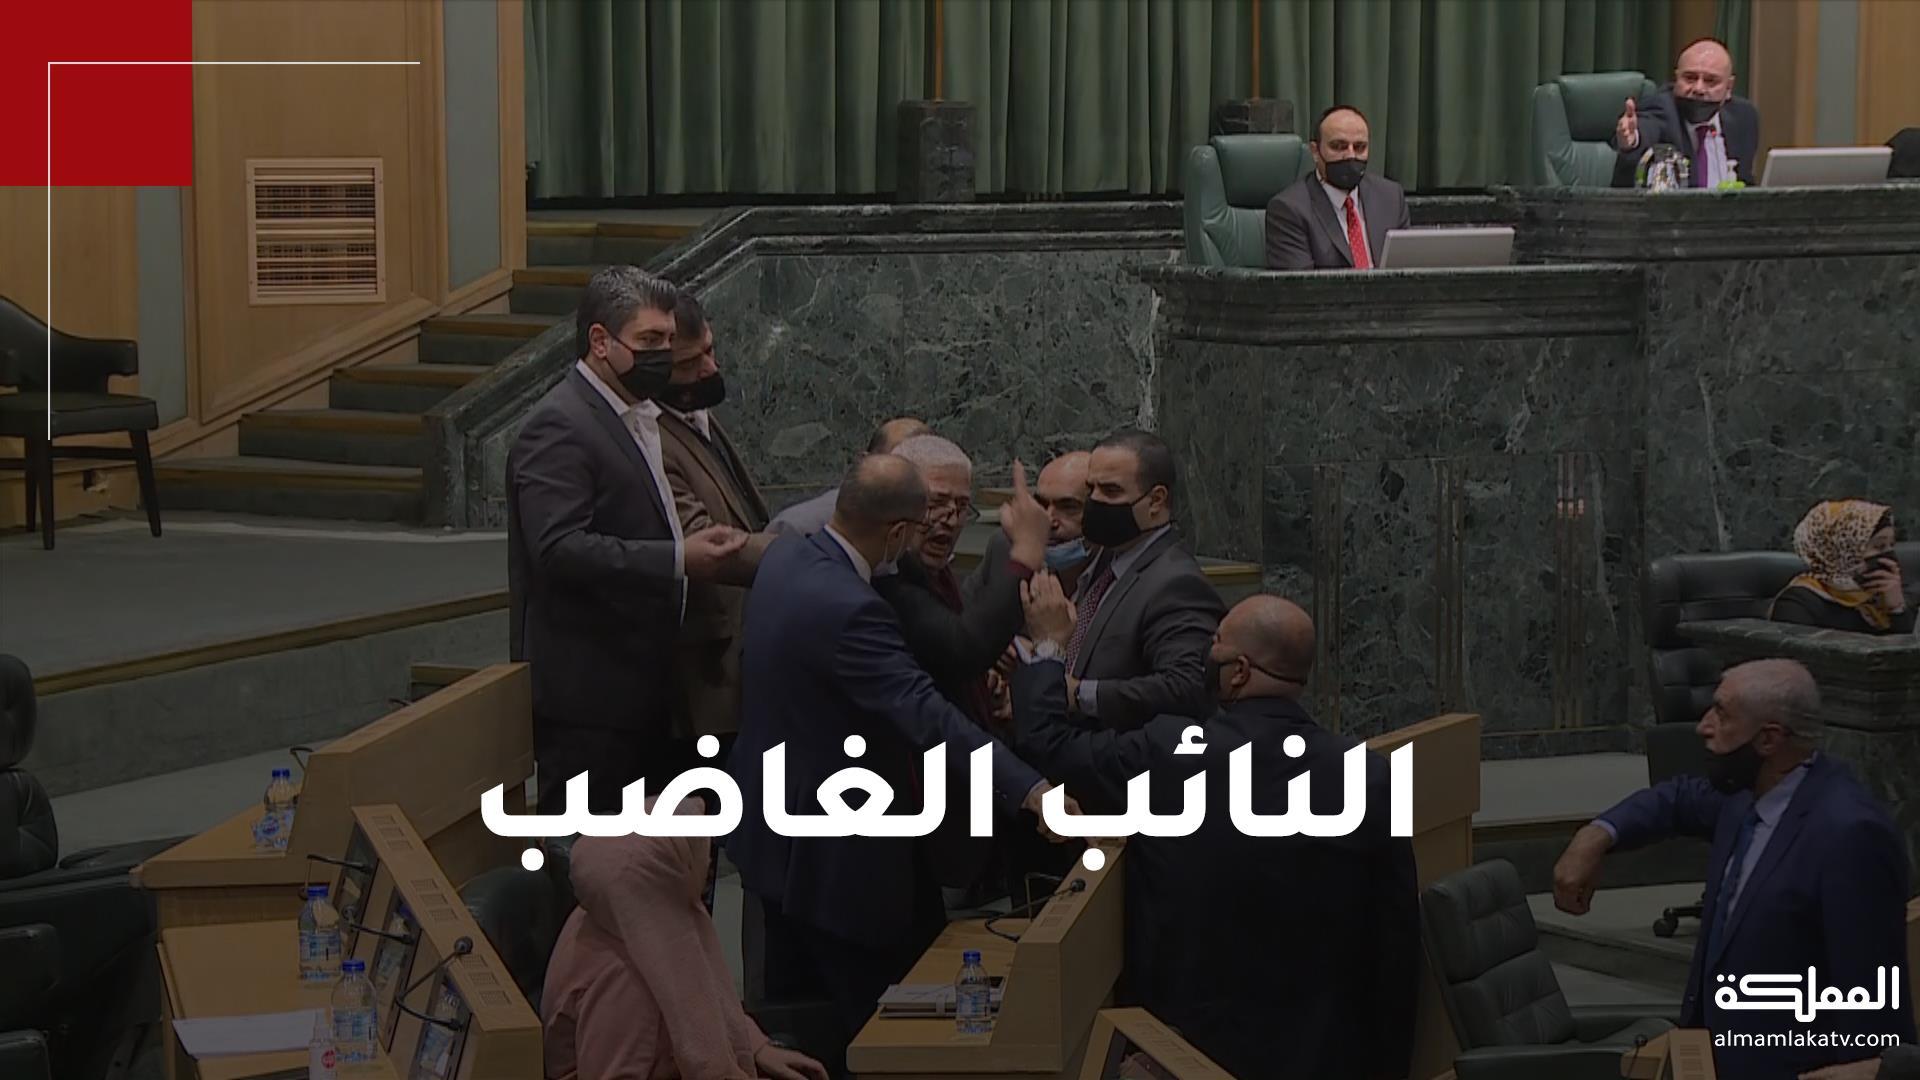 النائب علي الطراونة ينسحب من جلسة تشريعية بعد سجال مع رئيس المجلس